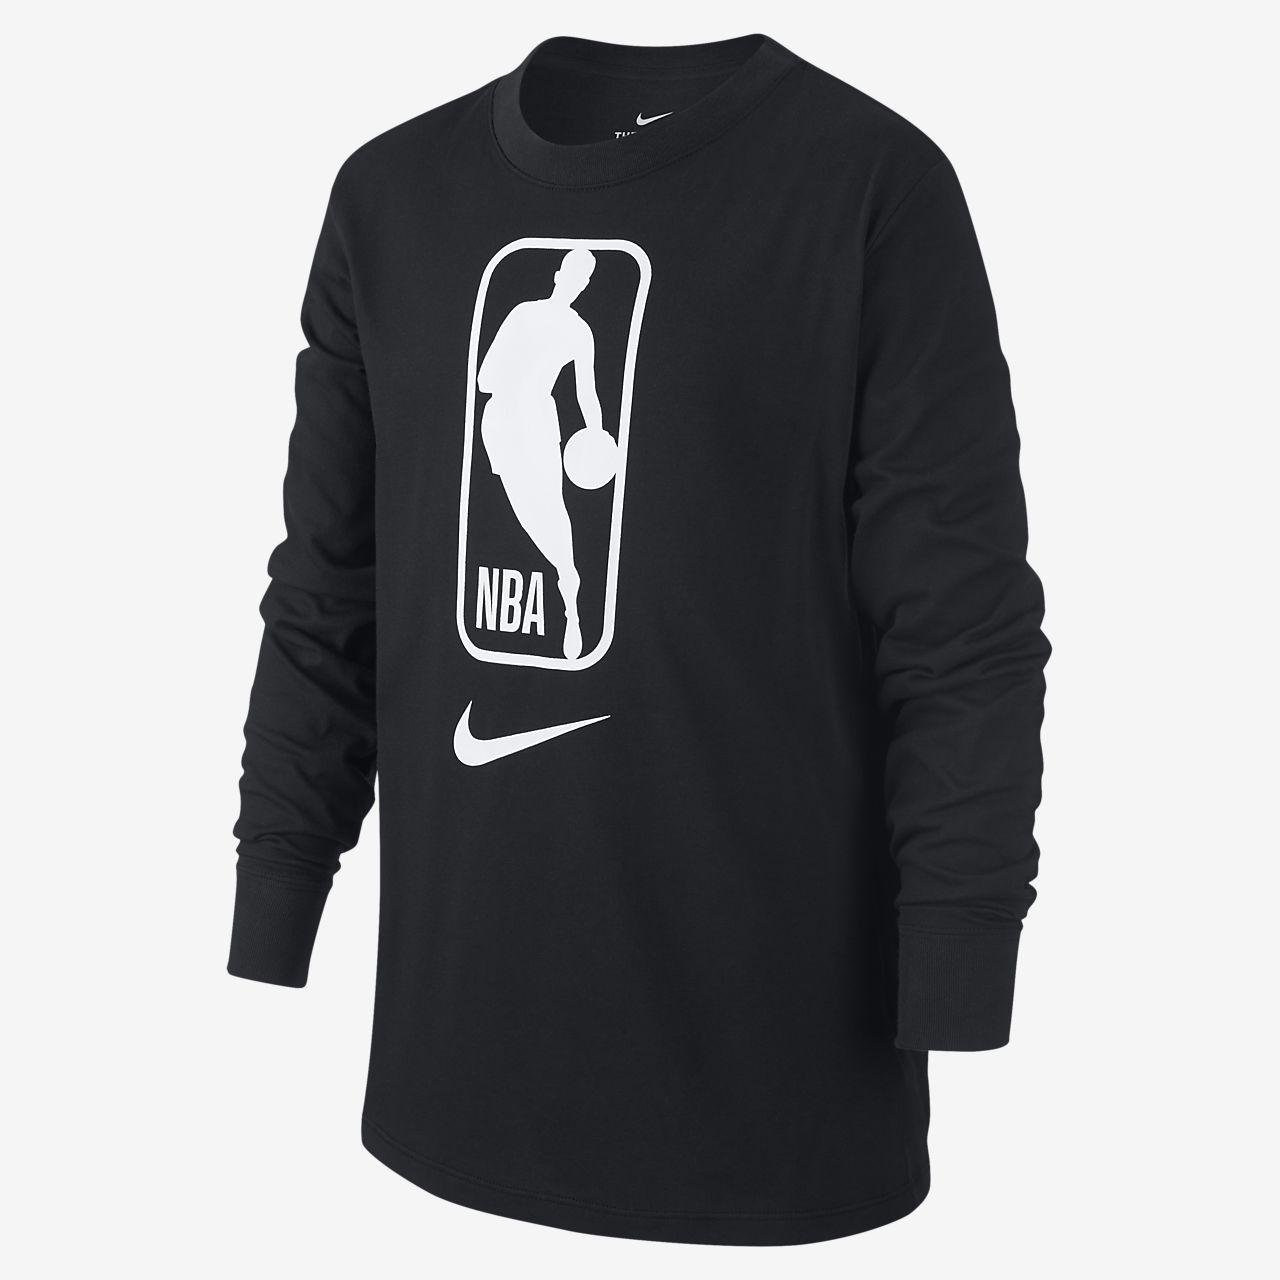 Nike Dri-FIT NBA-Langarmshirt für Kinder